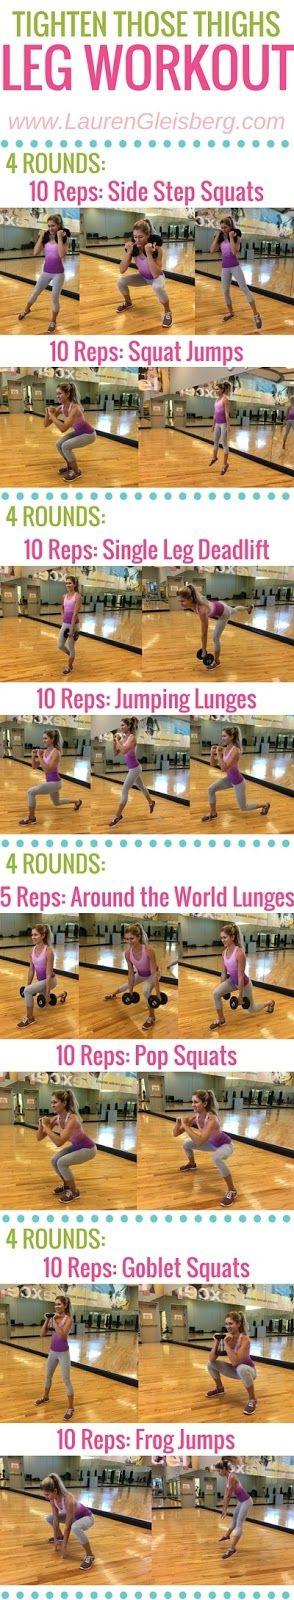 Lauren Gleisberg   Happiness, Health, & Fitness